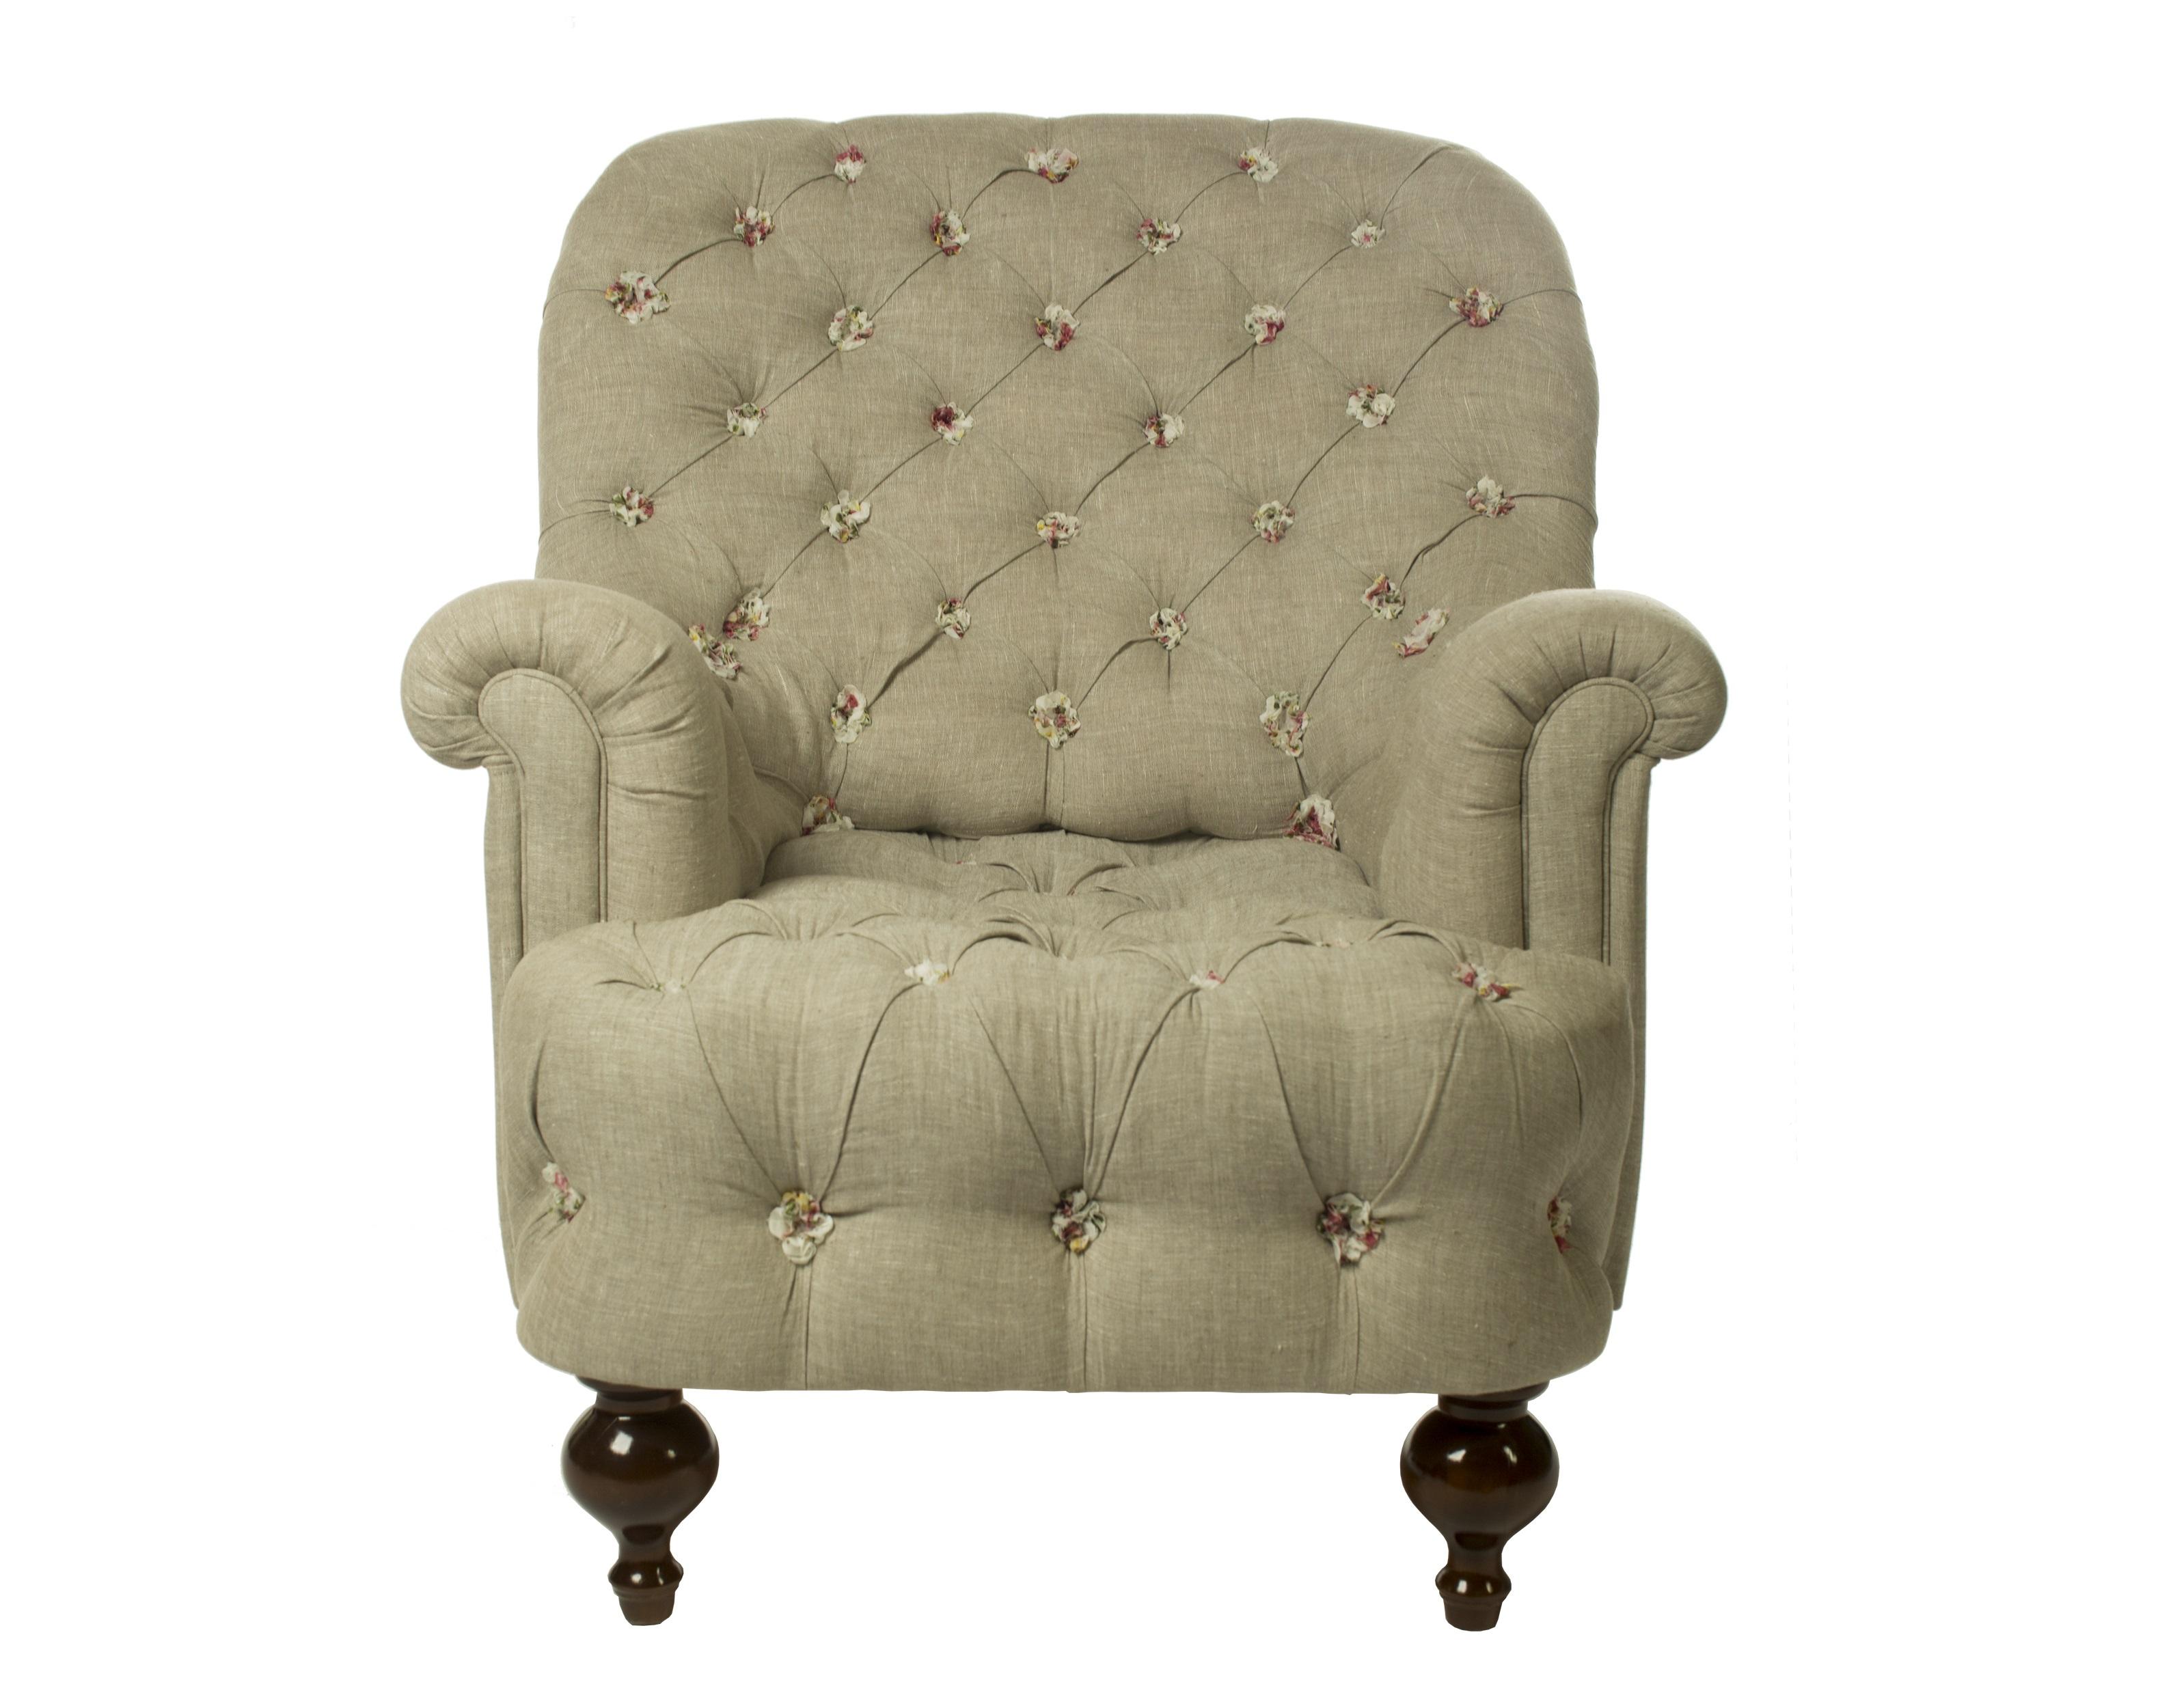 Кресло с каретной стяжкой Розы ПровансаИнтерьерные кресла<br>Стиль Жуи родом из Франции 8-го века. В ту пору стали модными одноцветные принты, изображающие поэтичные сценки из простой сельской жизни на белом или бежевом фоне. Мягкая мебедь Жуи Бордо отличается высоким качеством изготовления и станет прекрасным подарком или приобретением, для тех кто любит уют и стиль в стиле Кантри и Прованс.Коллекция мягкой мебели и текстиля, выполненного из ткани с единым орнаментом поможет Вам создать неповторимый дух Прованса, либо старой Англии в любом, даже небольшом помещении.Ткань, используемая для обивки мягкой мебели и изготовления текстиля. Удобное, стильное кресло Жюи Бордо, мягкая мебель прованс и кантри.&amp;lt;div&amp;gt;&amp;lt;br&amp;gt;&amp;lt;/div&amp;gt;&amp;lt;div&amp;gt;&amp;lt;span style=&amp;quot;font-size: 14px;&amp;quot;&amp;gt;100% хлопок&amp;lt;/span&amp;gt;&amp;lt;br&amp;gt;&amp;lt;/div&amp;gt;&amp;lt;div&amp;gt;Глубина сиденья -65 см.&amp;lt;/div&amp;gt;<br><br>Material: Хлопок<br>Ширина см: 99<br>Высота см: 87<br>Глубина см: 110